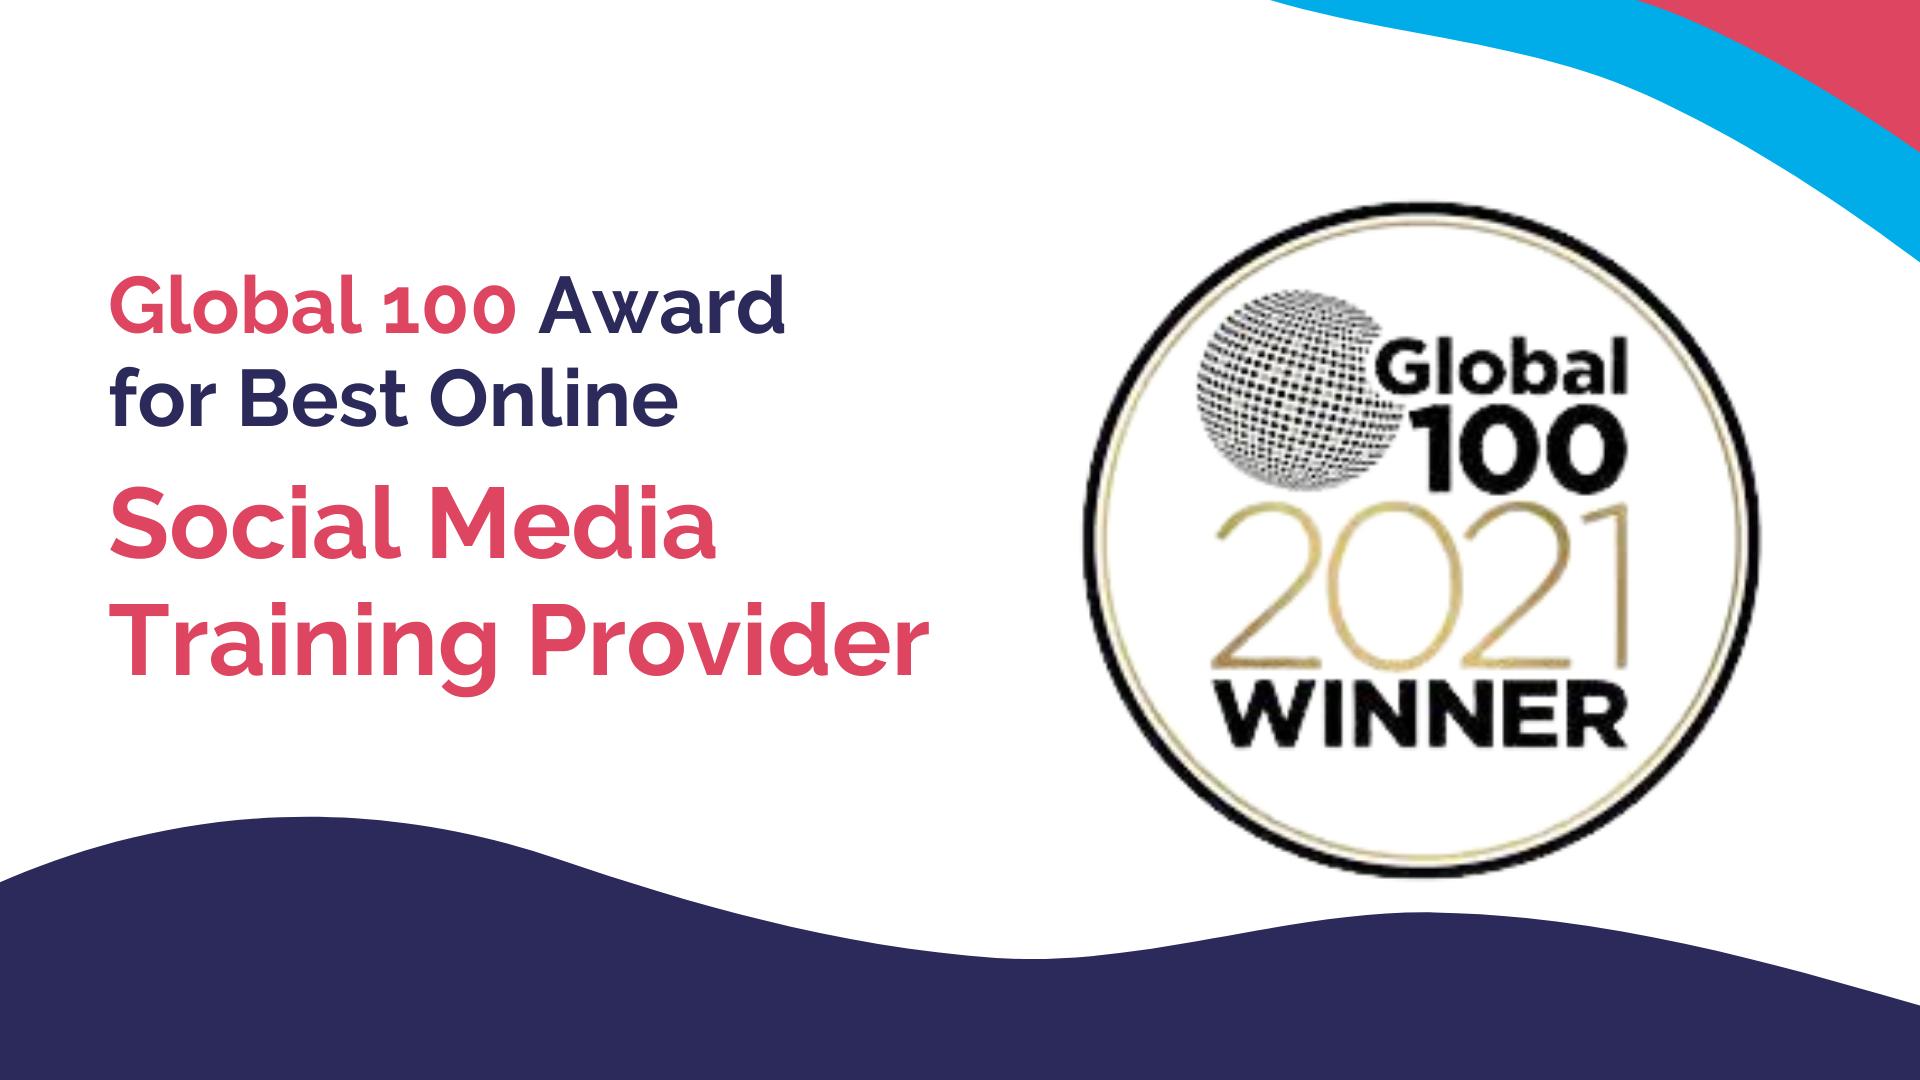 Global 100 Award for Best Online Social Media Training Provider